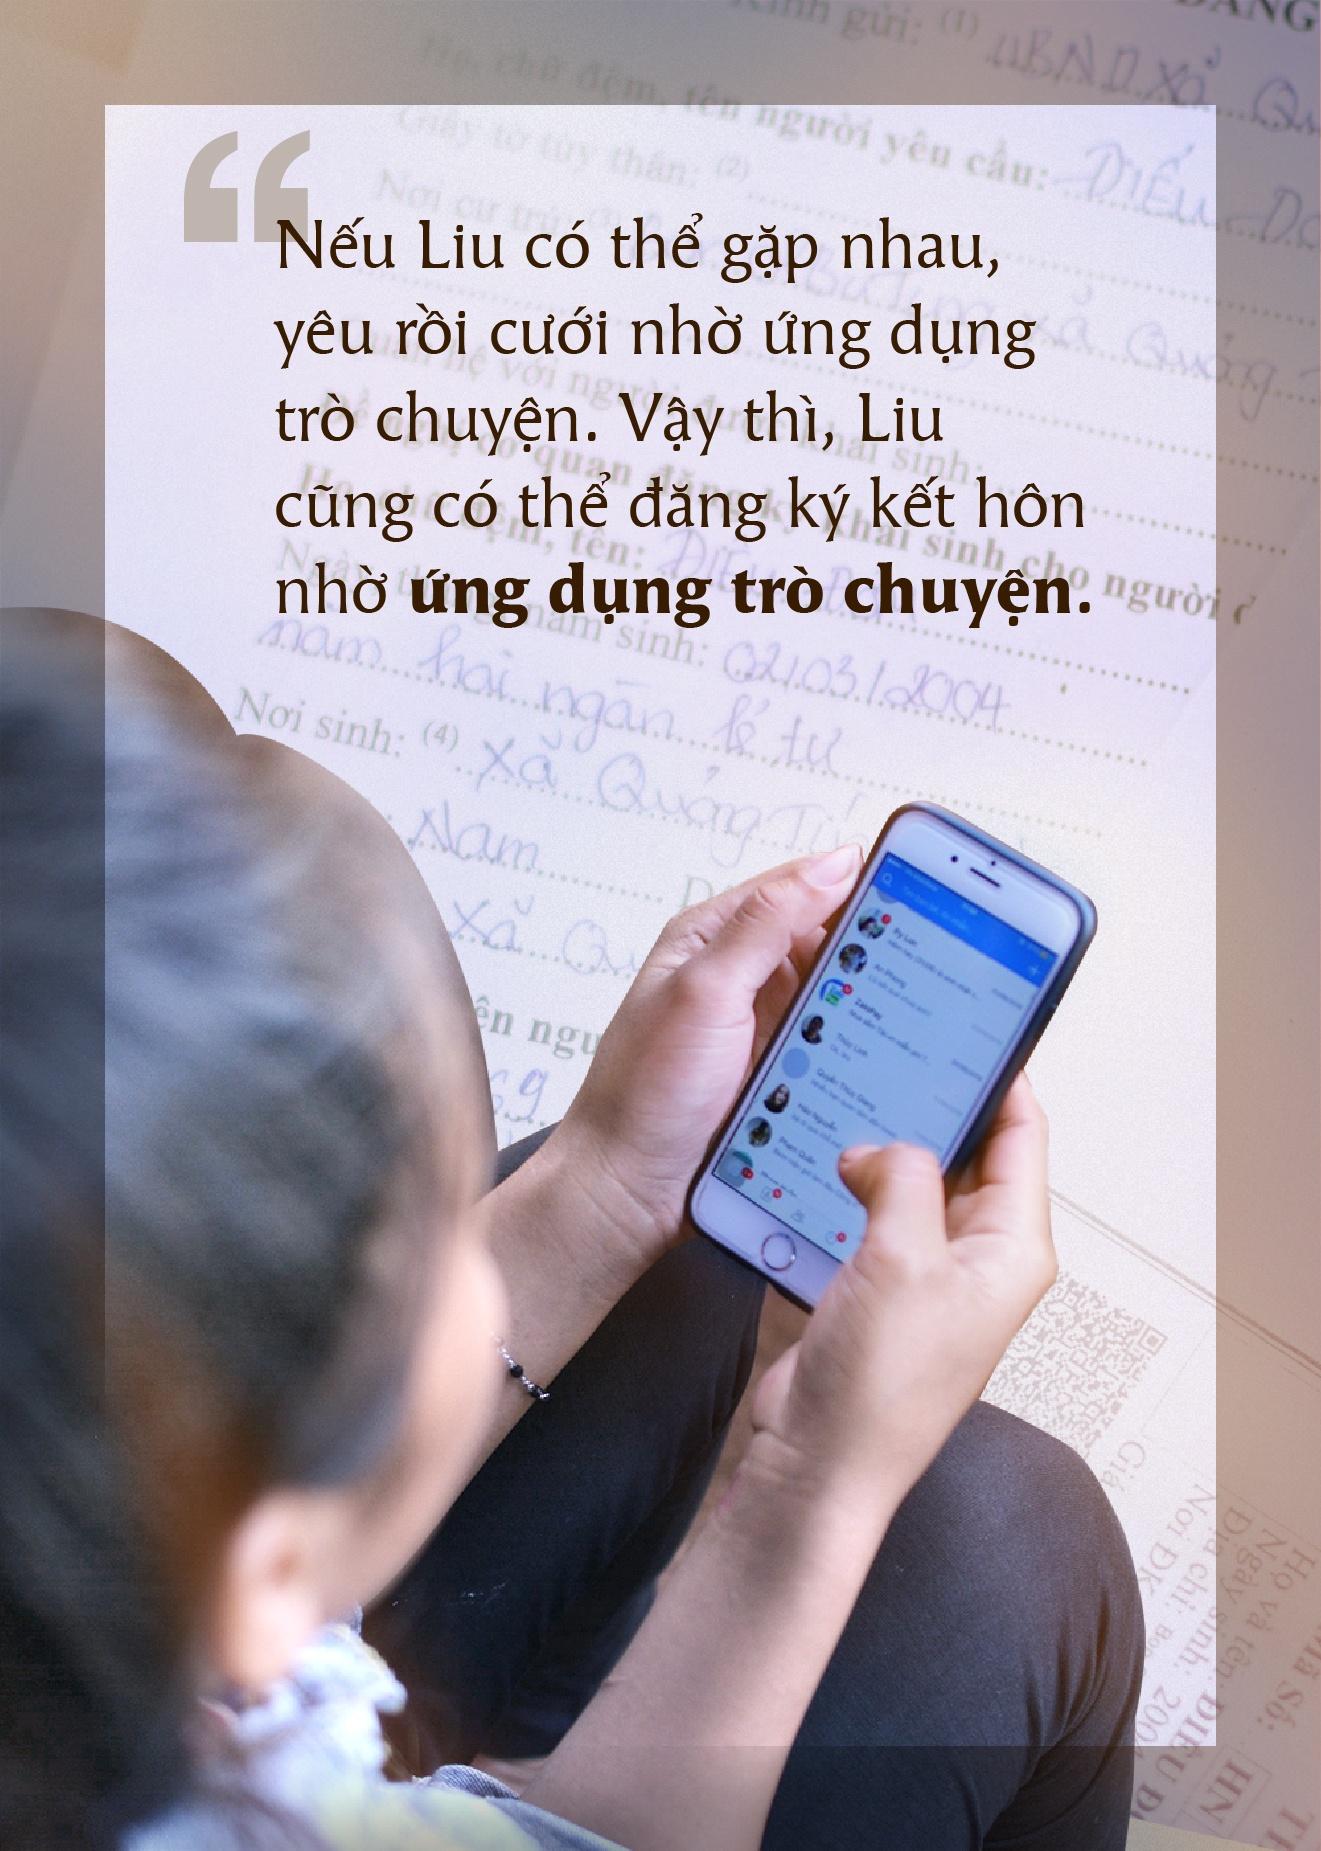 nguoi M'Nong,  Ol Bu Tung,  Zalo,  Hanh chinh Cong anh 18